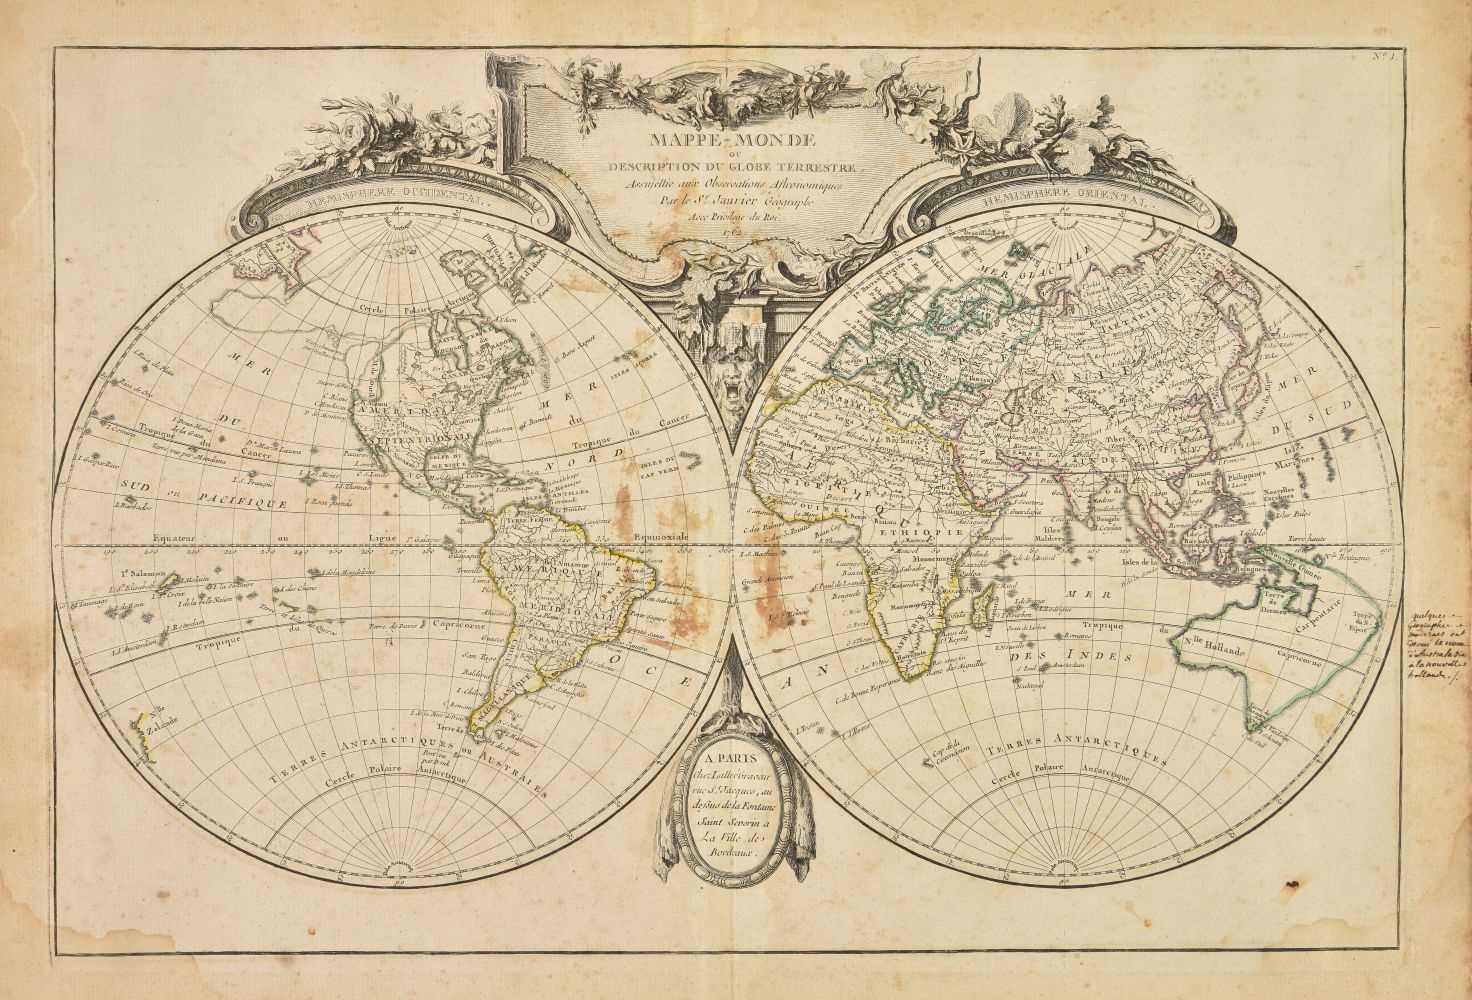 Lot 20-Lattre (Jean). Atlas Moderne ou Collection de Cartes, 1762